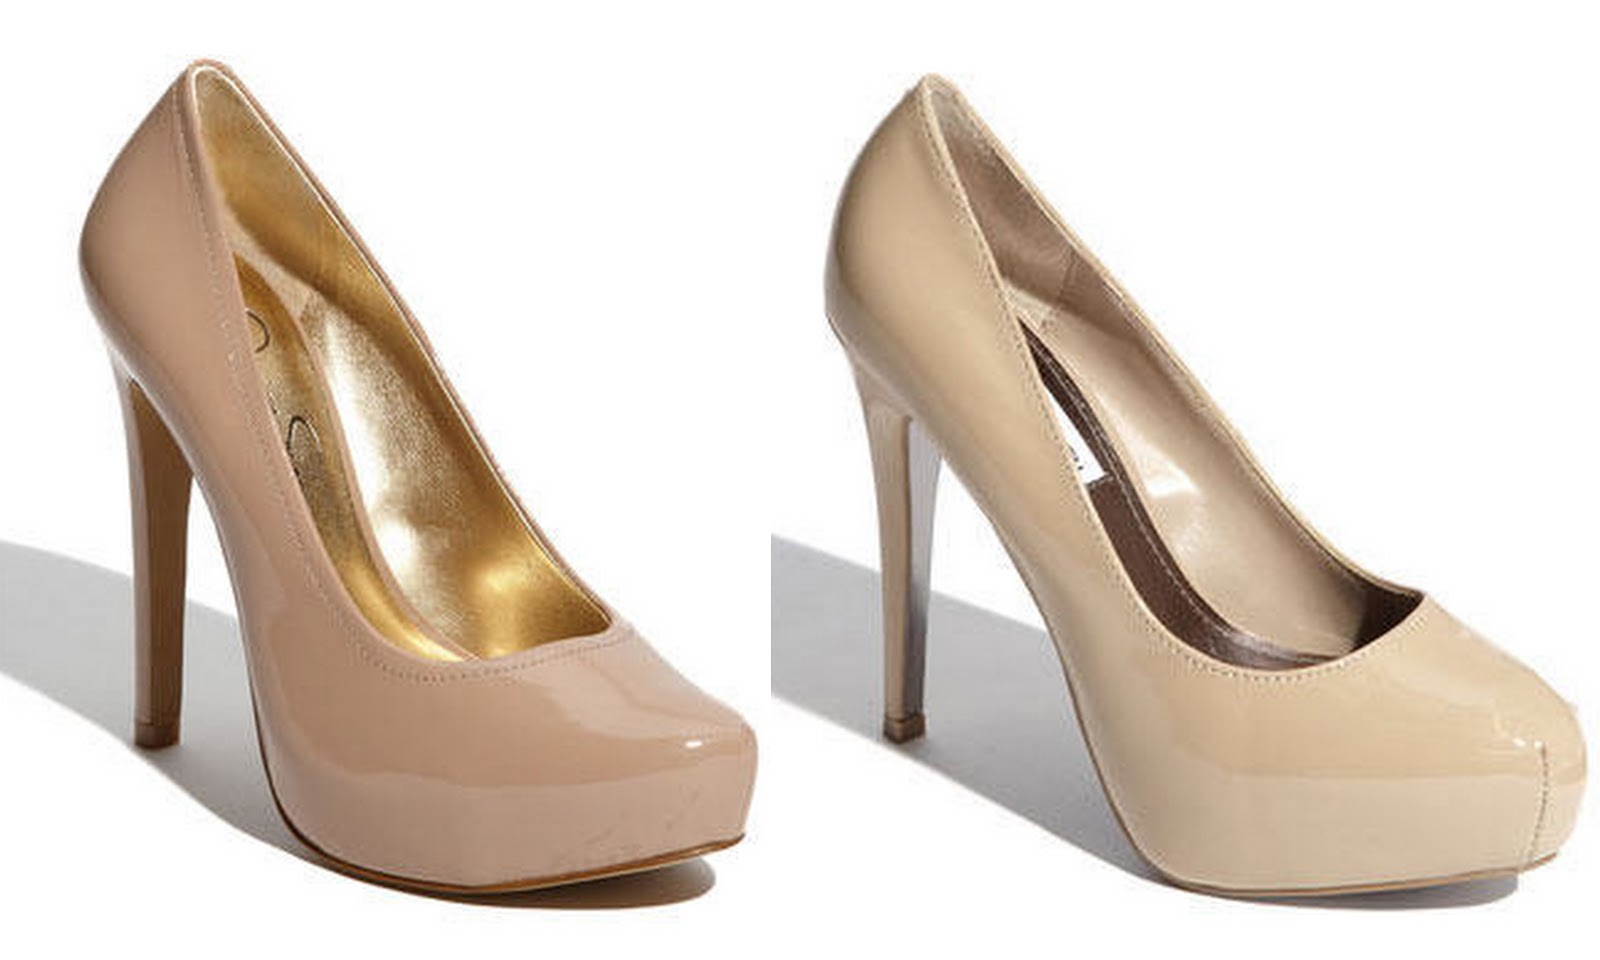 http://1.bp.blogspot.com/-b7zYs5T2AS0/TbuJzBOHBPI/AAAAAAAACaA/xA3r1yDaTPk/s1600/jessica+simspon+francesca+vs+steve+madden+Russhh+-+nude+pumps.jpg